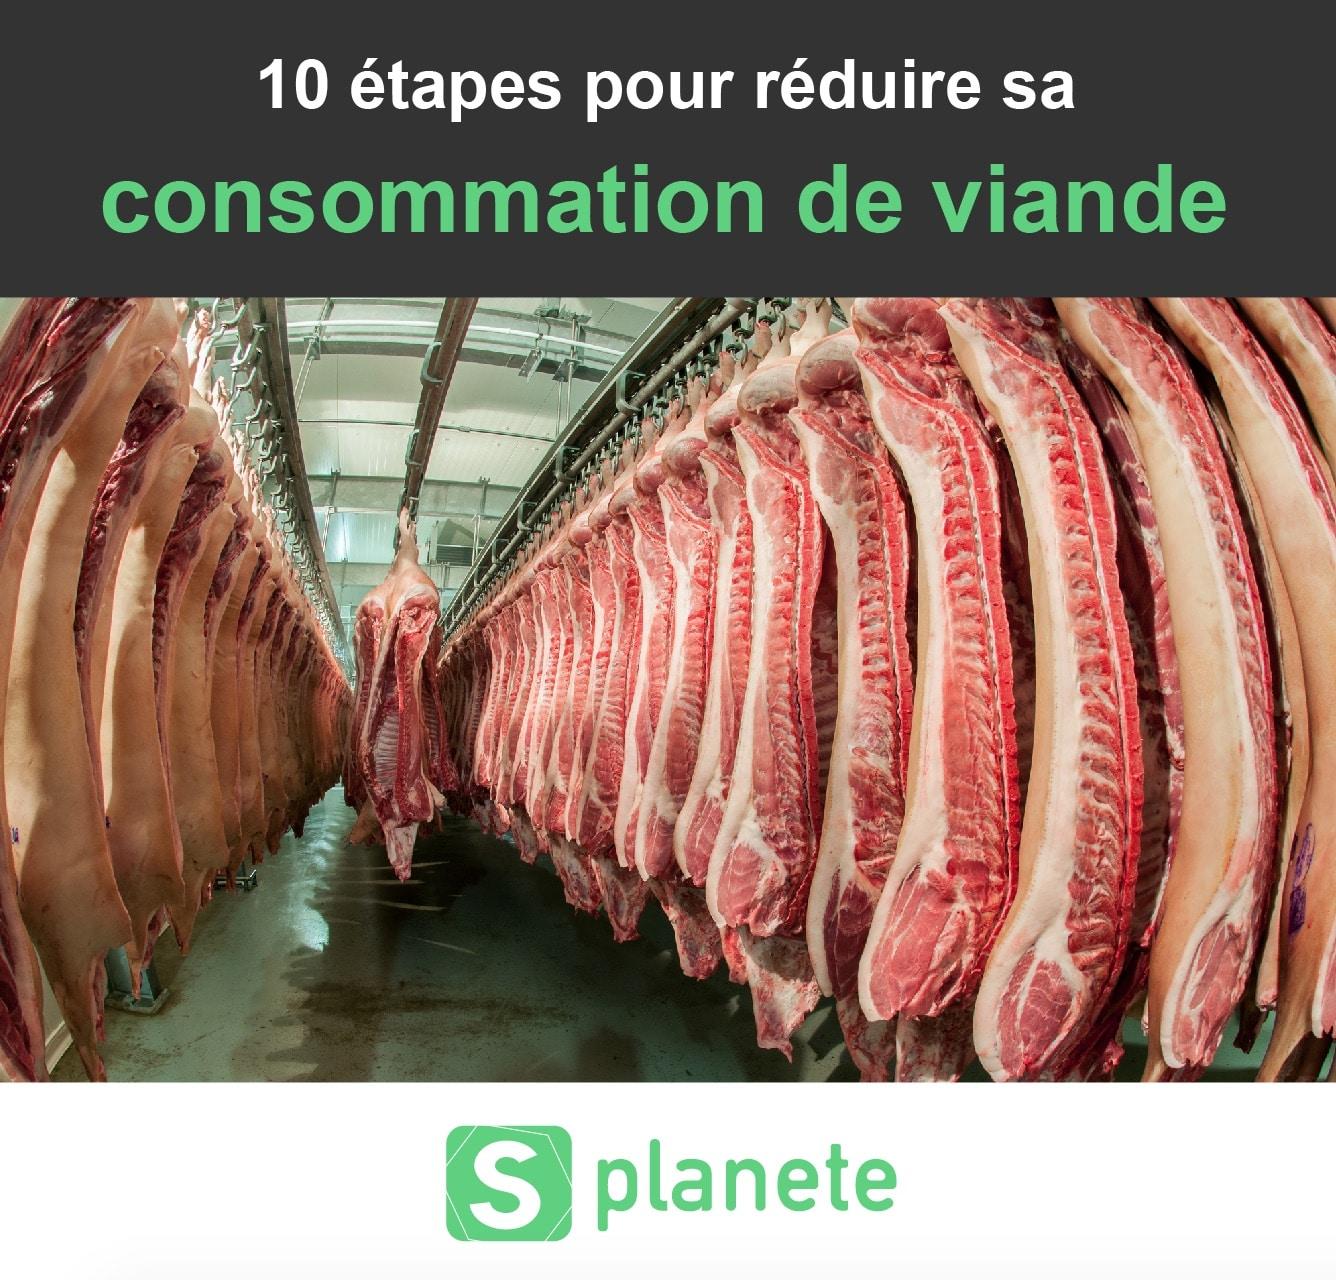 10 étapes pour réduire sa consommation de viande - Planète Healthy